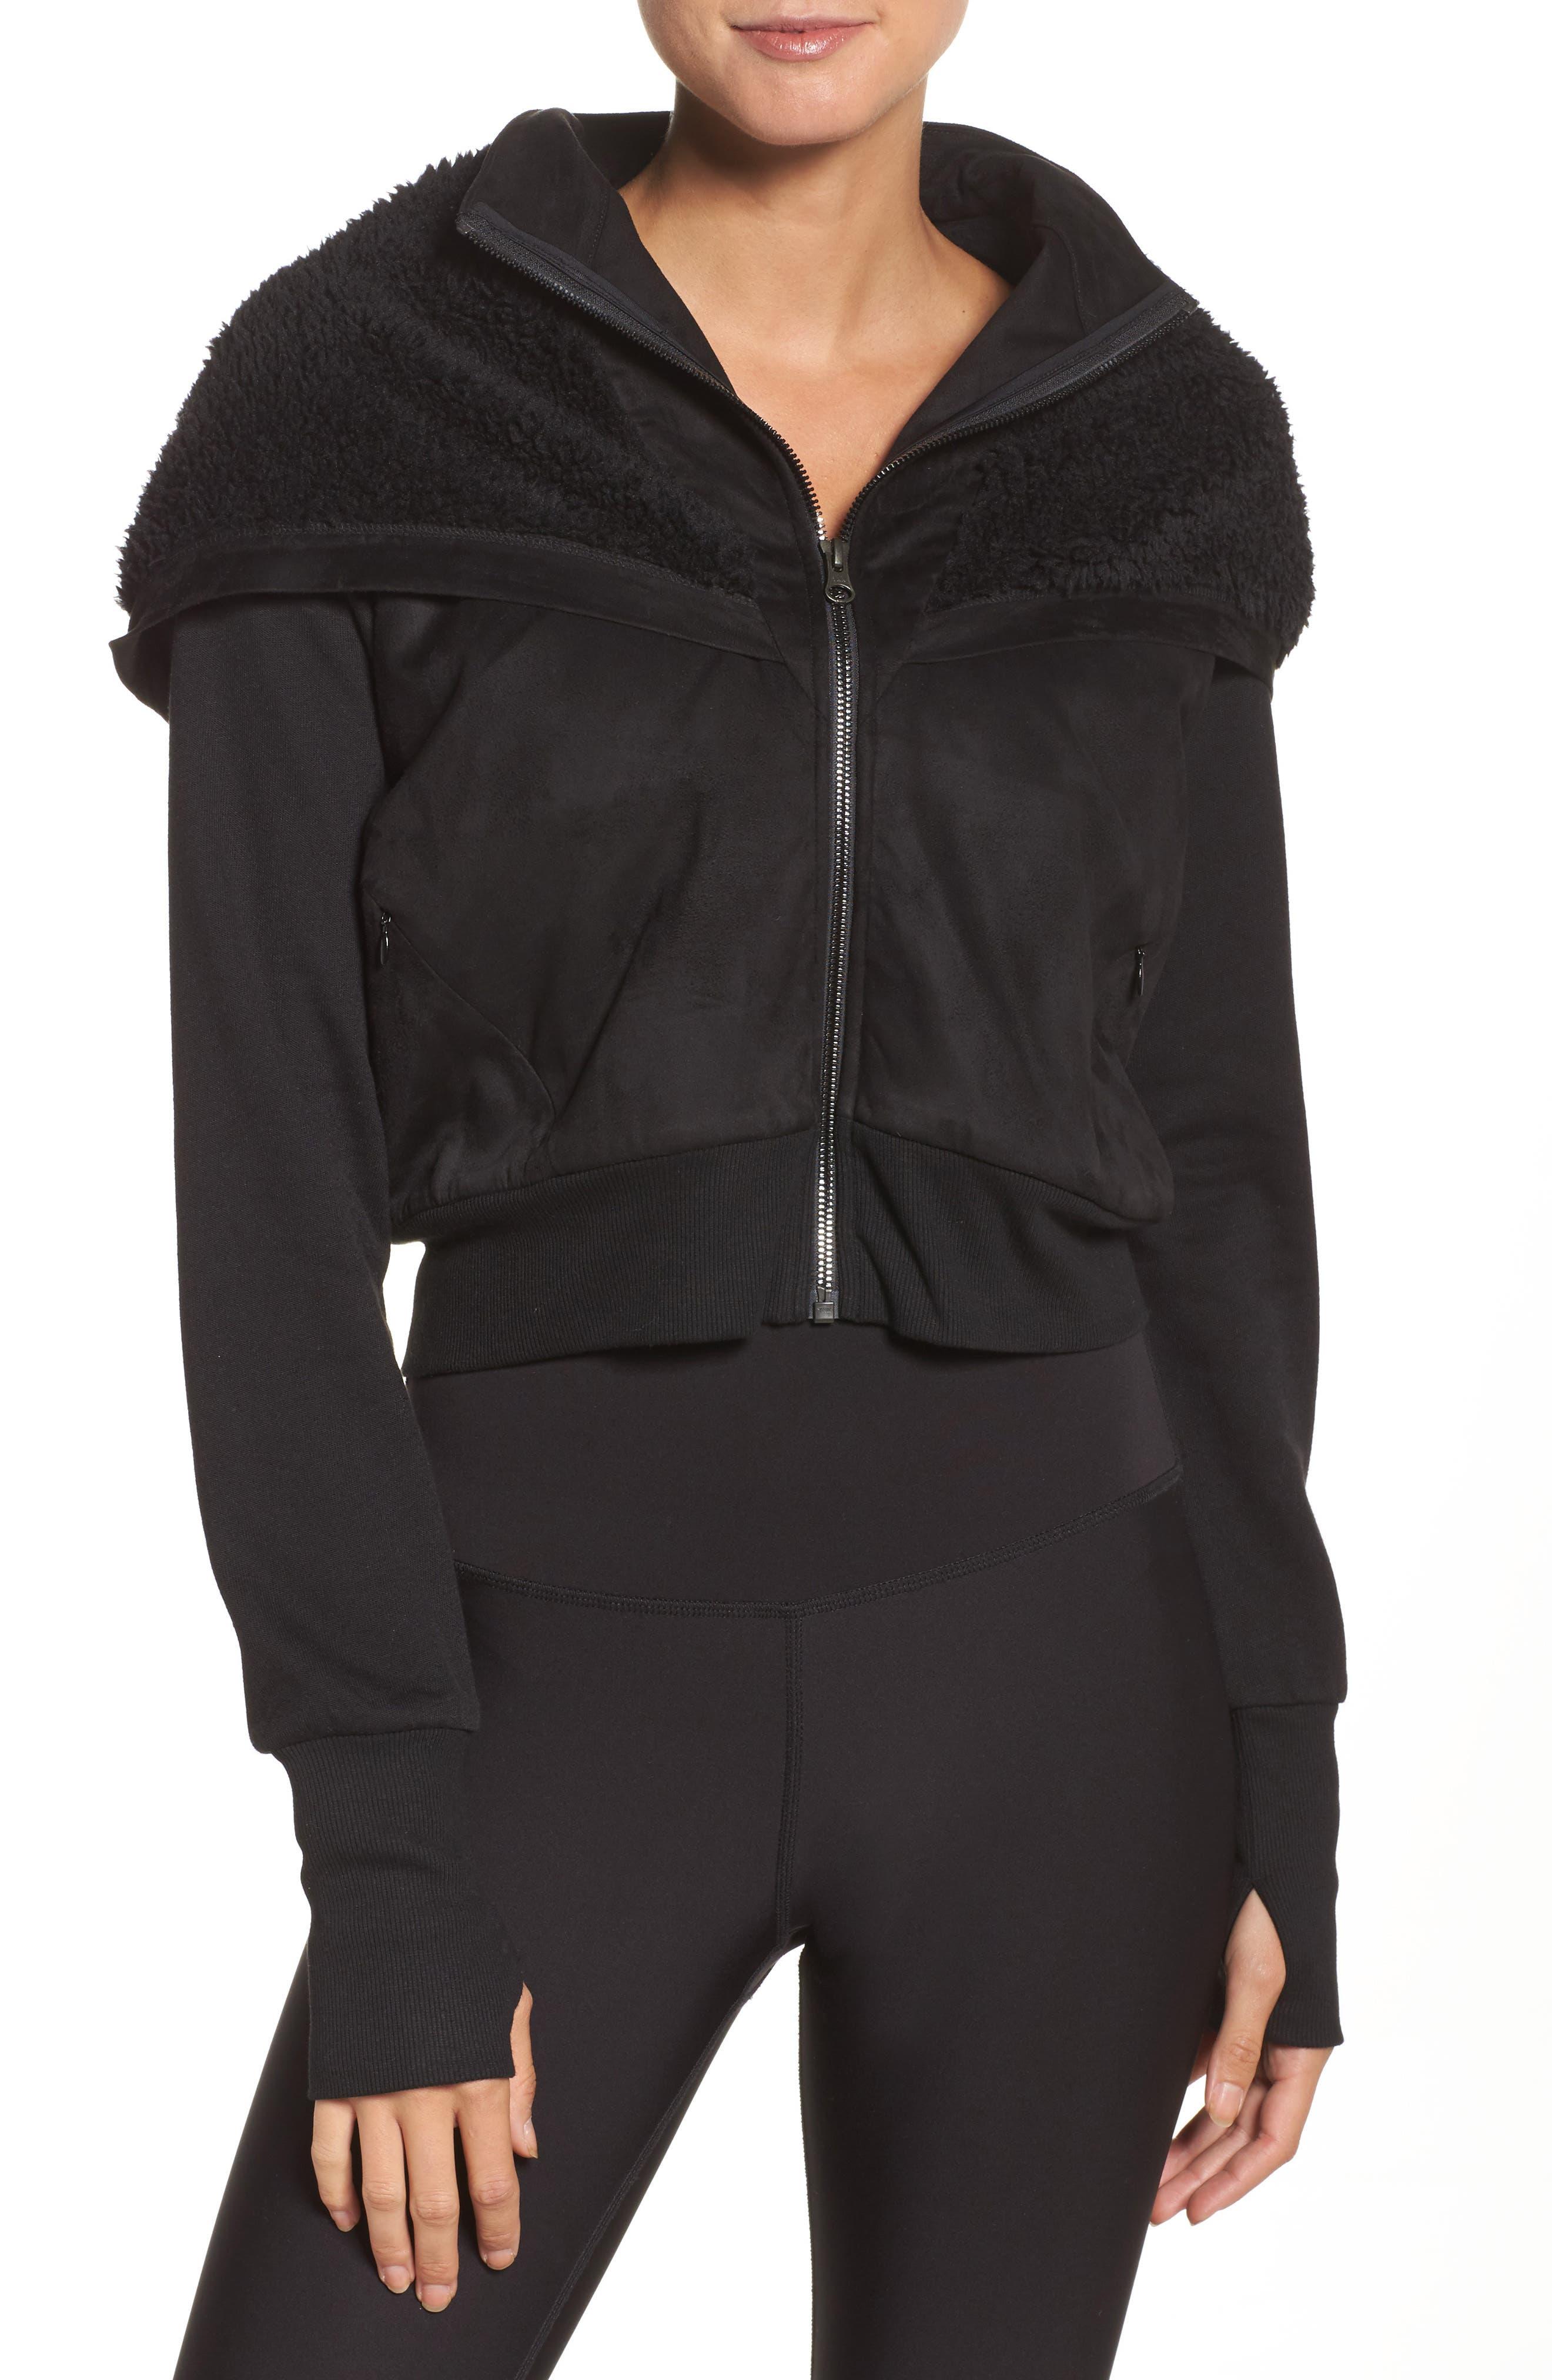 LA Winter Faux Fur Lined Jacket,                             Main thumbnail 1, color,                             001